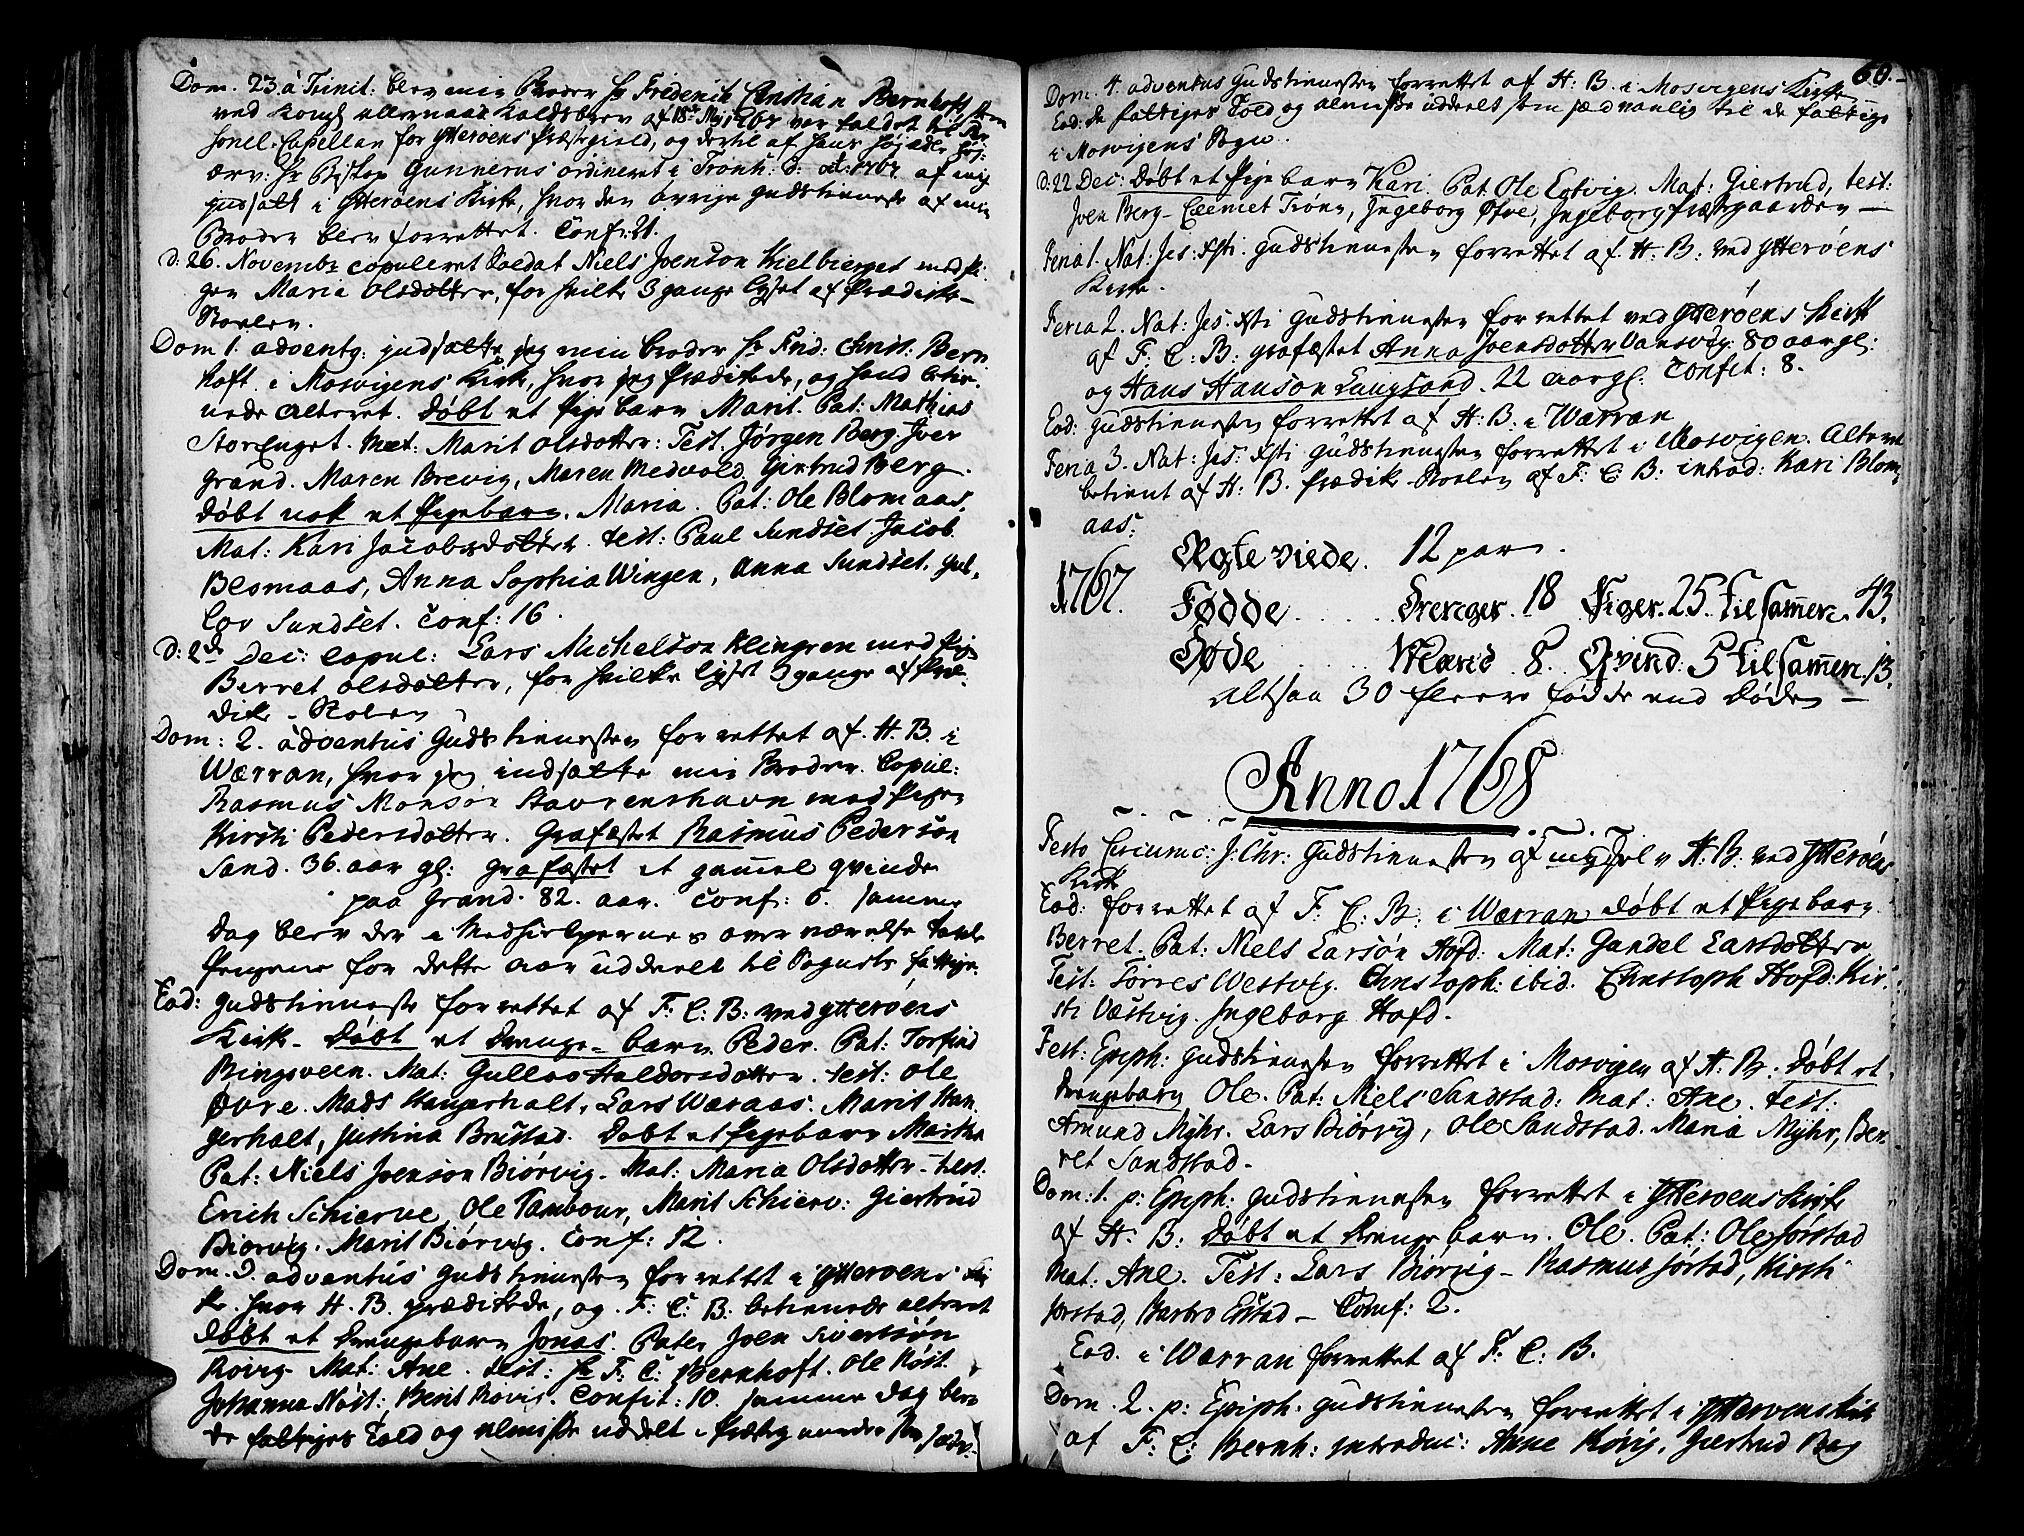 SAT, Ministerialprotokoller, klokkerbøker og fødselsregistre - Nord-Trøndelag, 722/L0216: Ministerialbok nr. 722A03, 1756-1816, s. 60